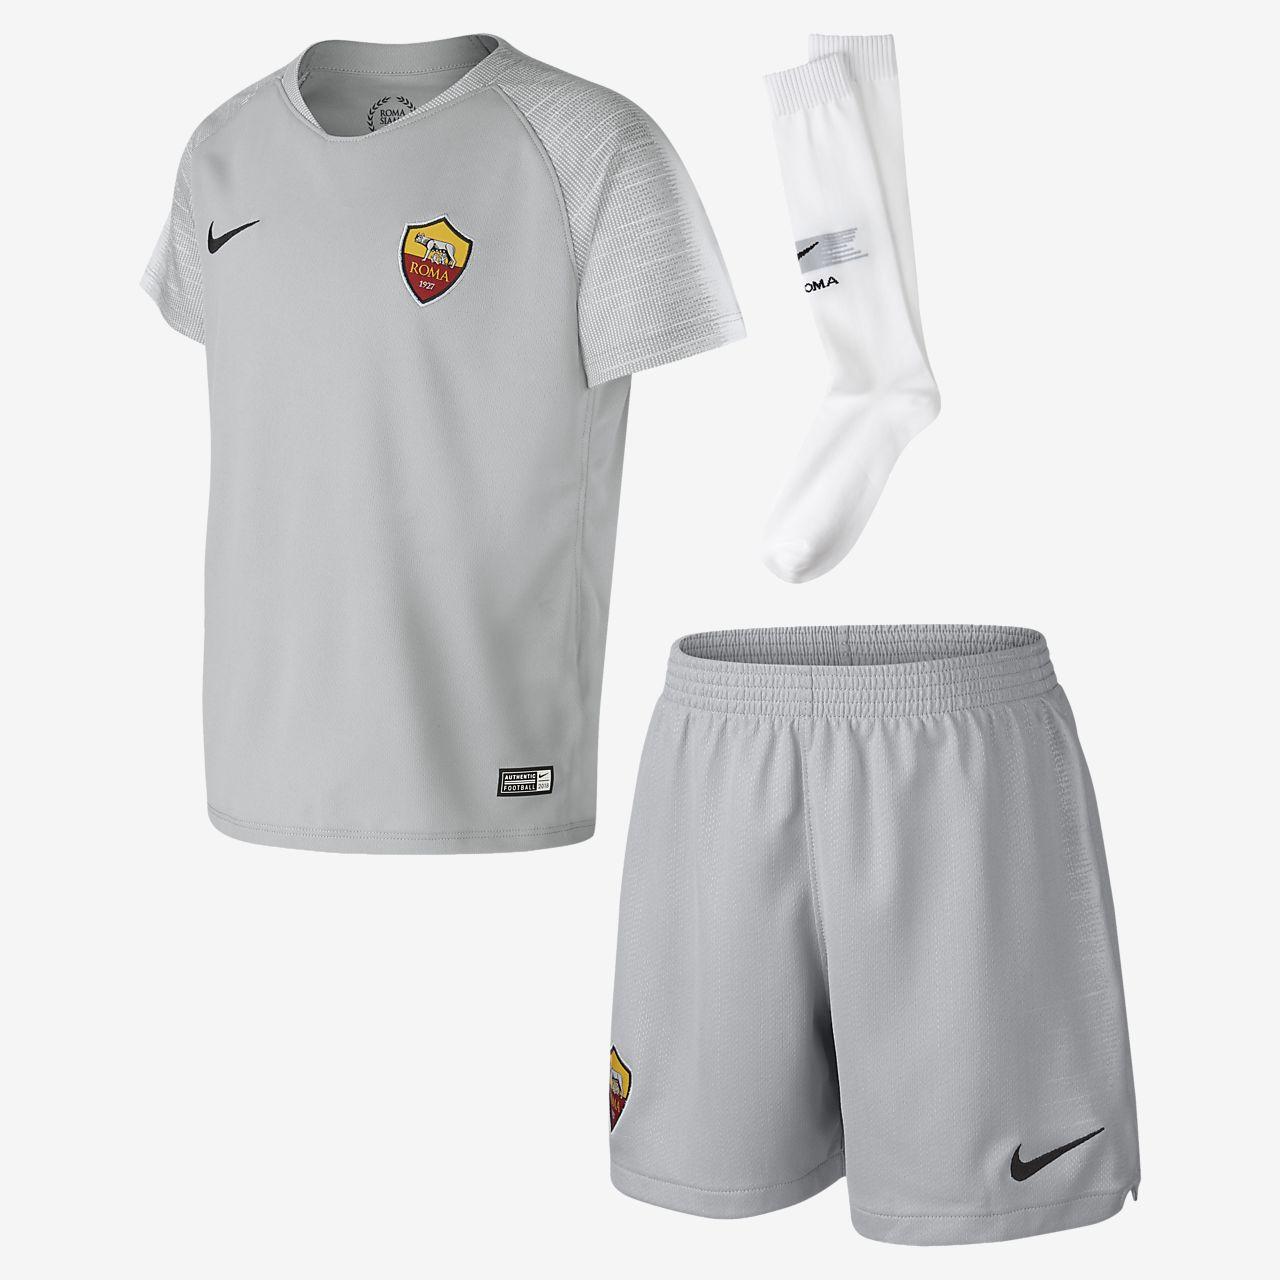 Kit de fútbol de visitante para niños talla pequeña Stadium del A.S. Roma 2018/19